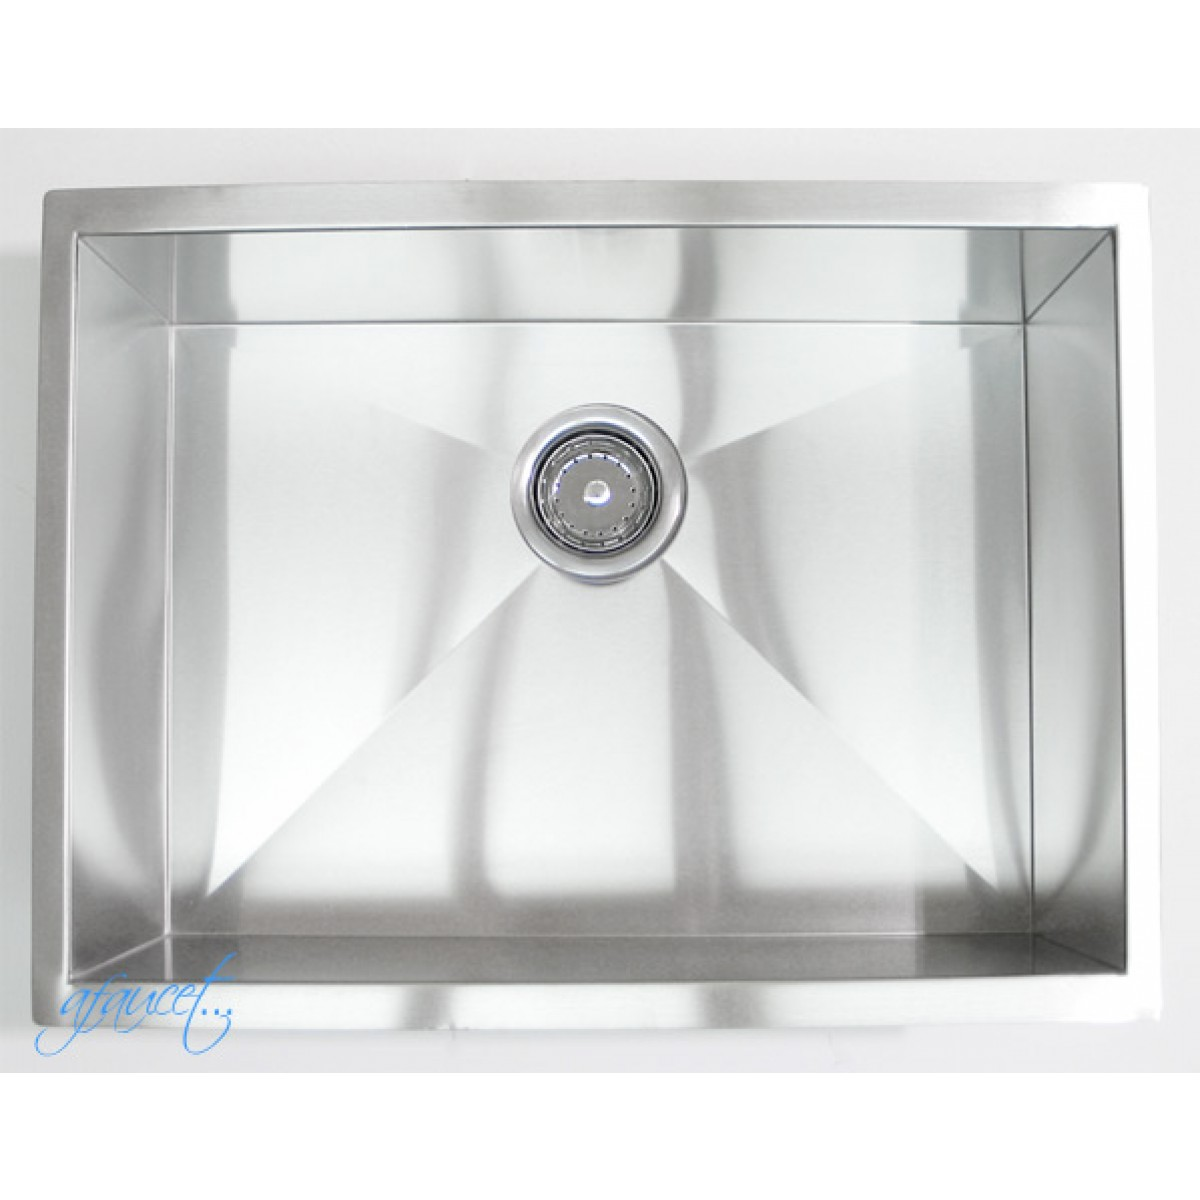 23 Inch Stainless Steel Undermount Single Bowl Kitchen / Bar / Prep Sink  Zero Radius Design